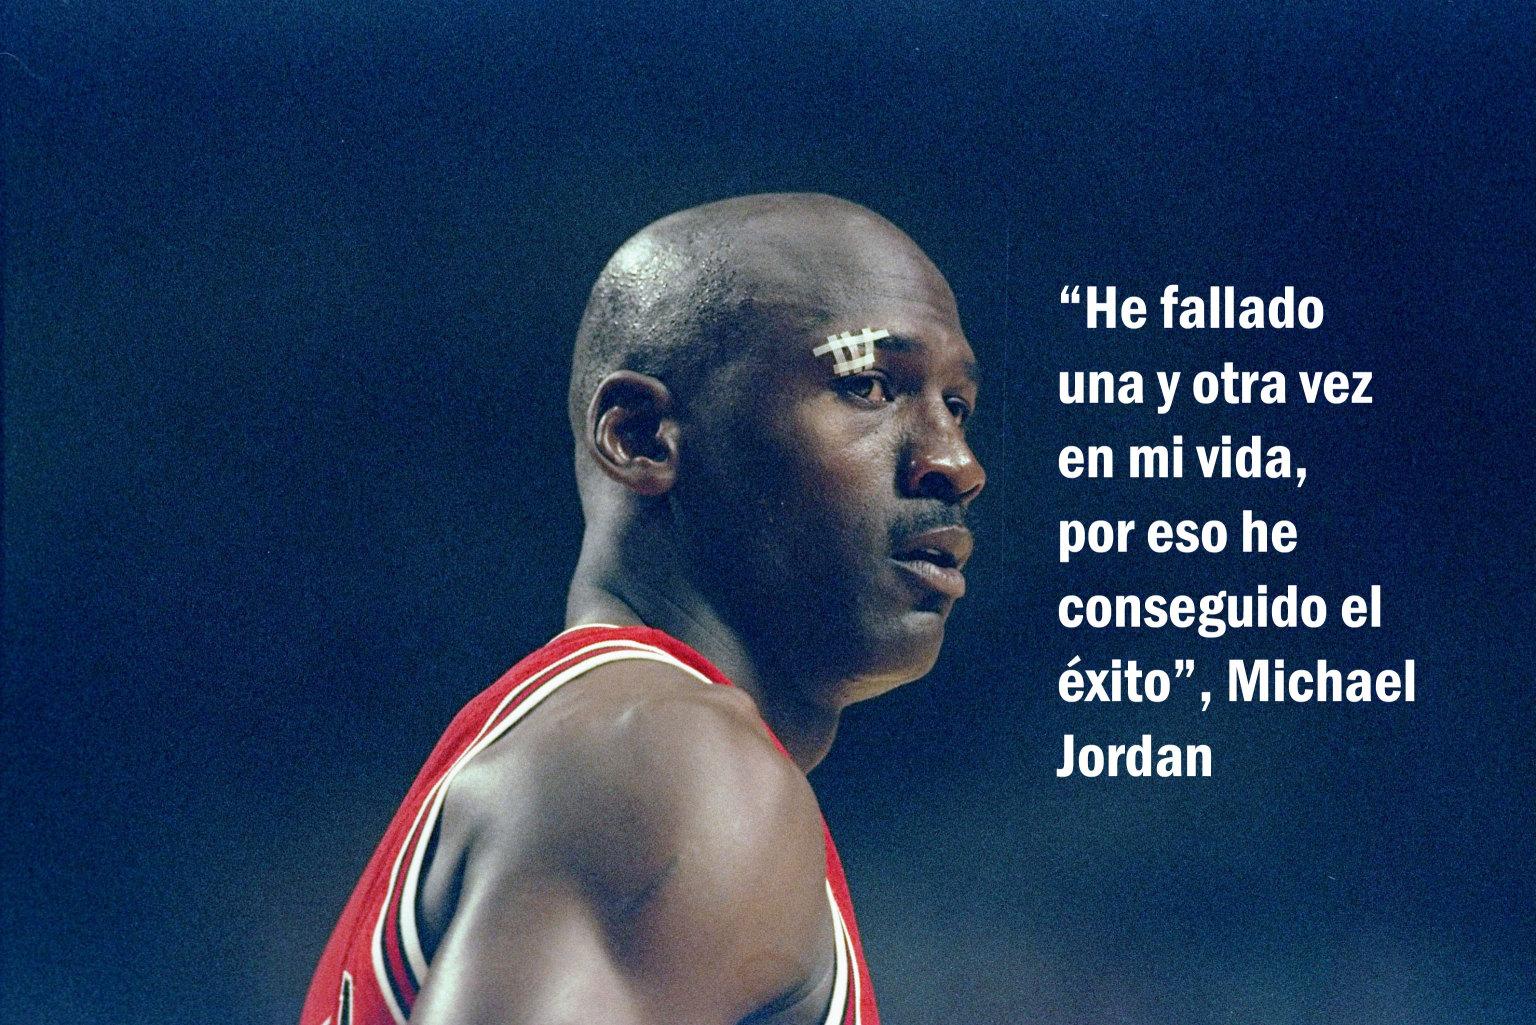 Frases Célebres En El Deporte 20 Citas Memorables Huffpost